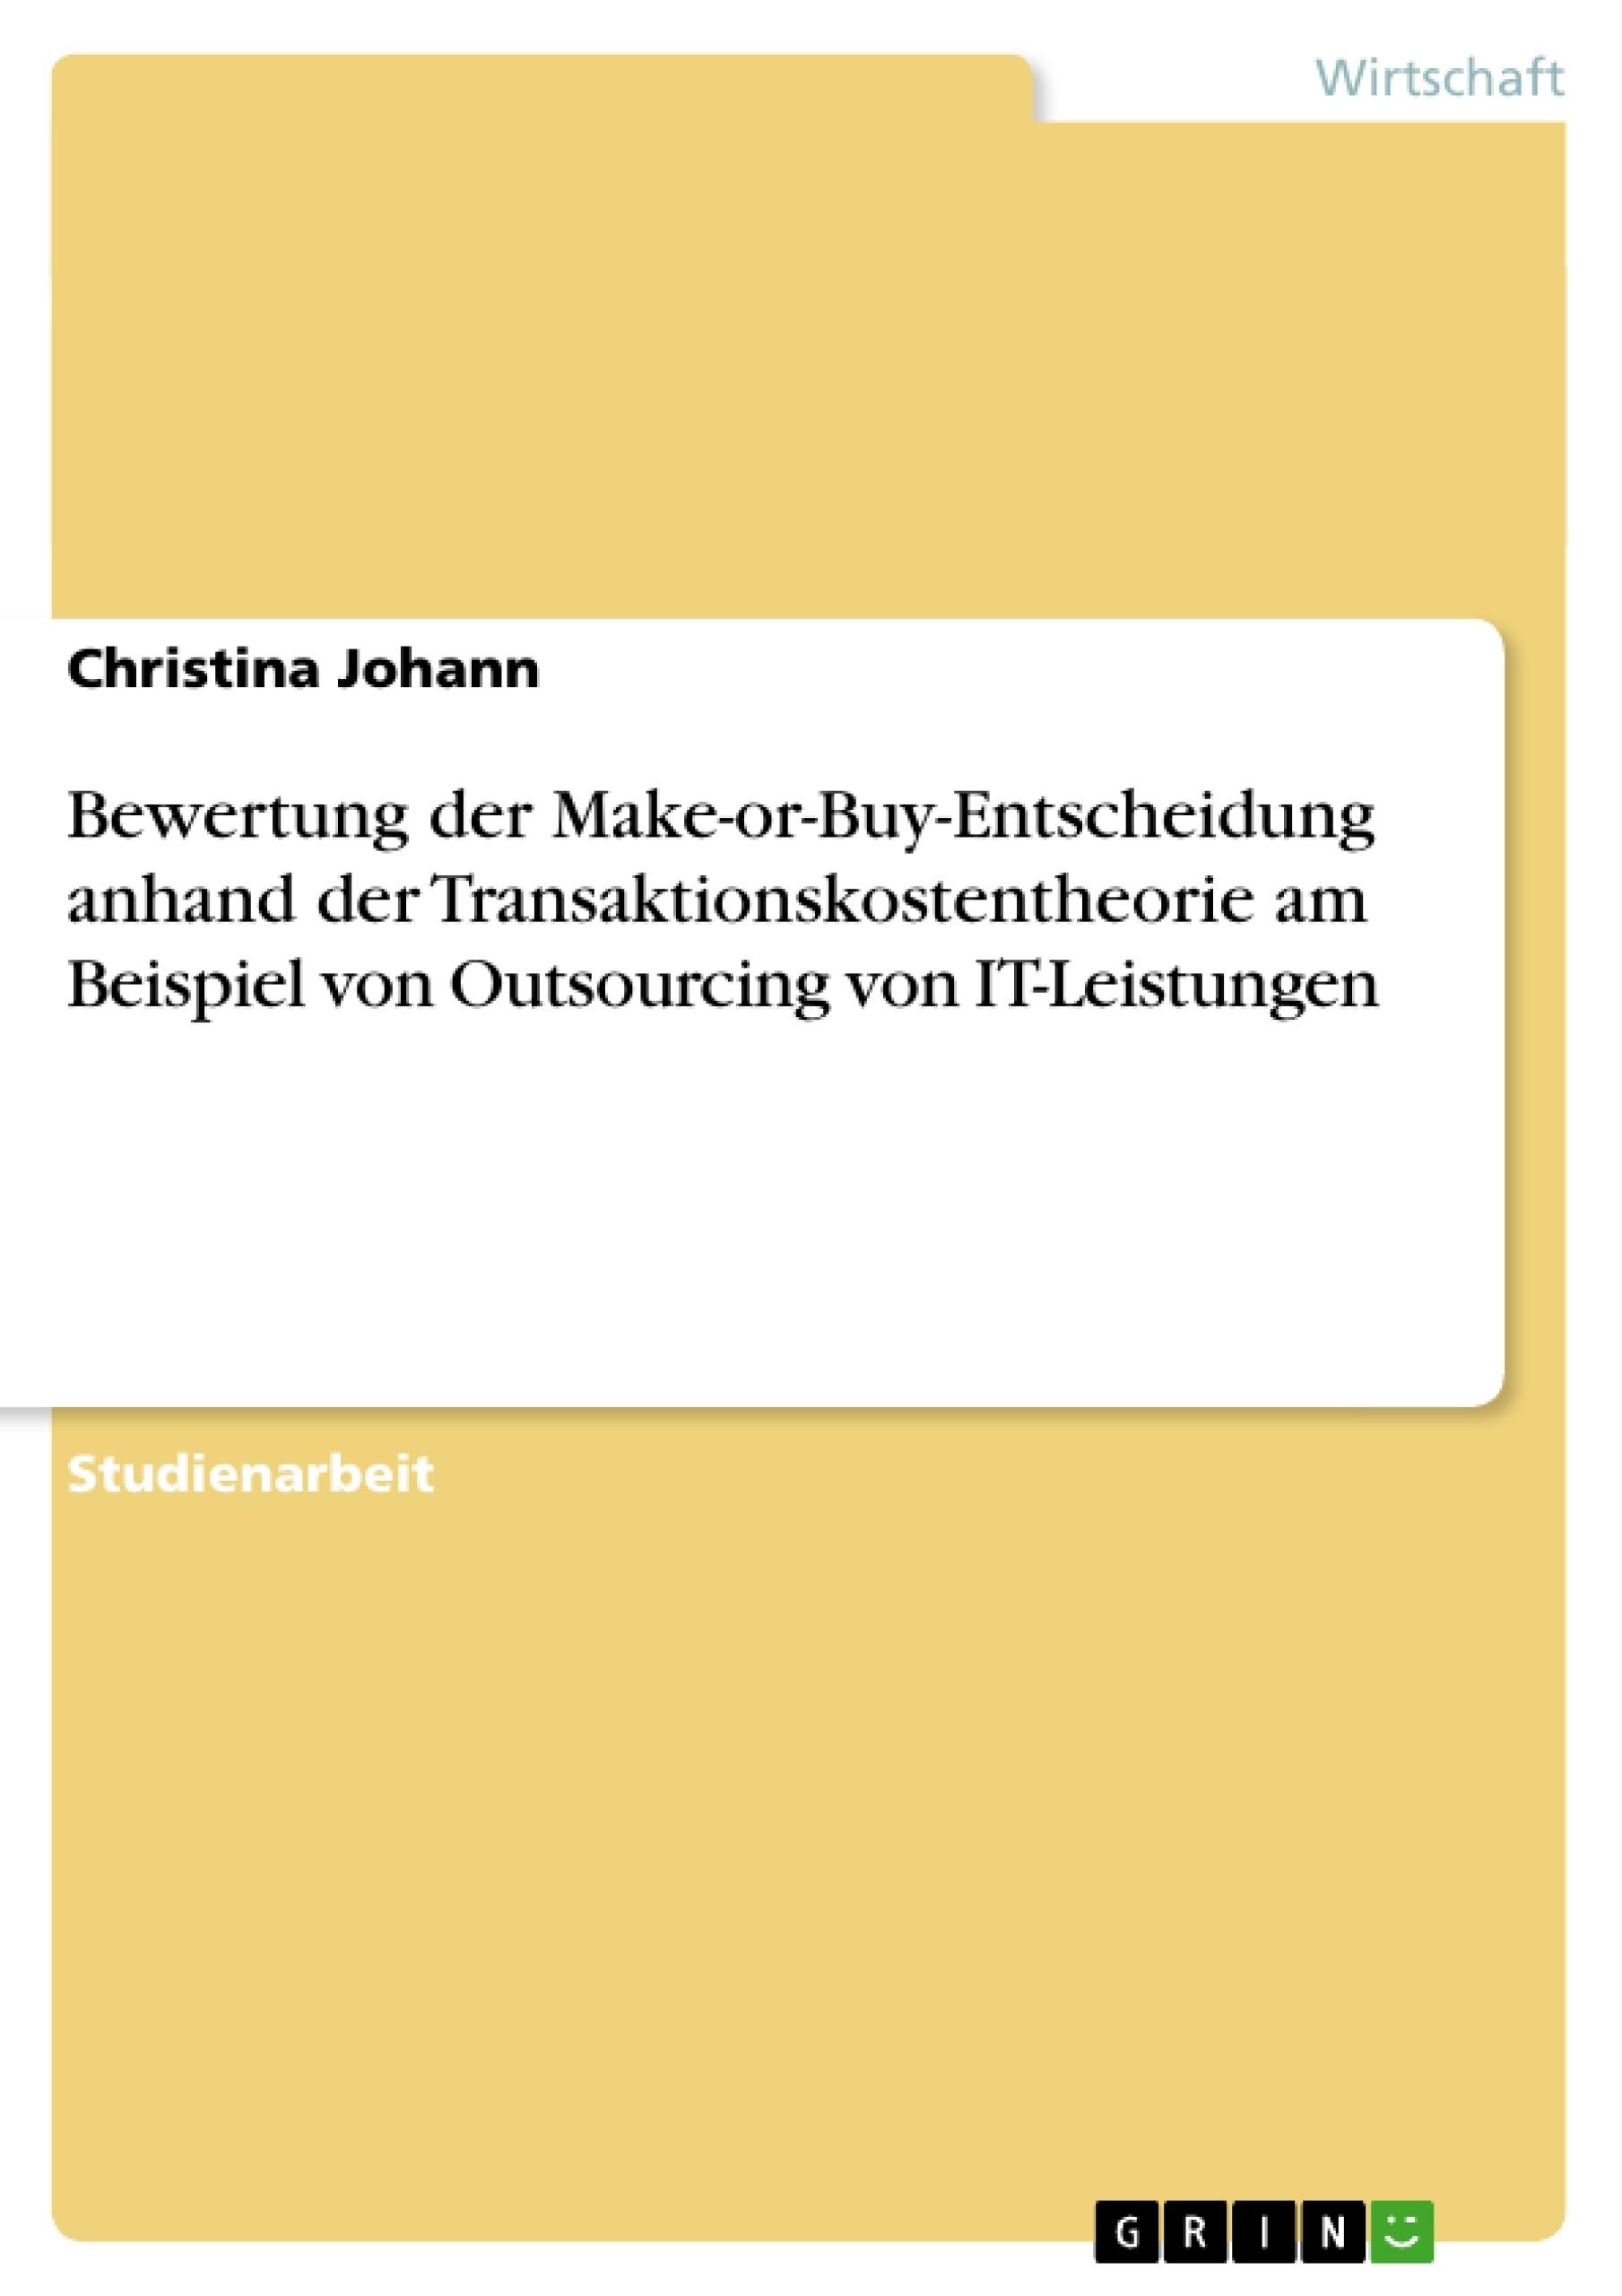 Titel: Bewertung der Make-or-Buy-Entscheidung anhand der Transaktionskostentheorie am Beispiel von Outsourcing von IT-Leistungen